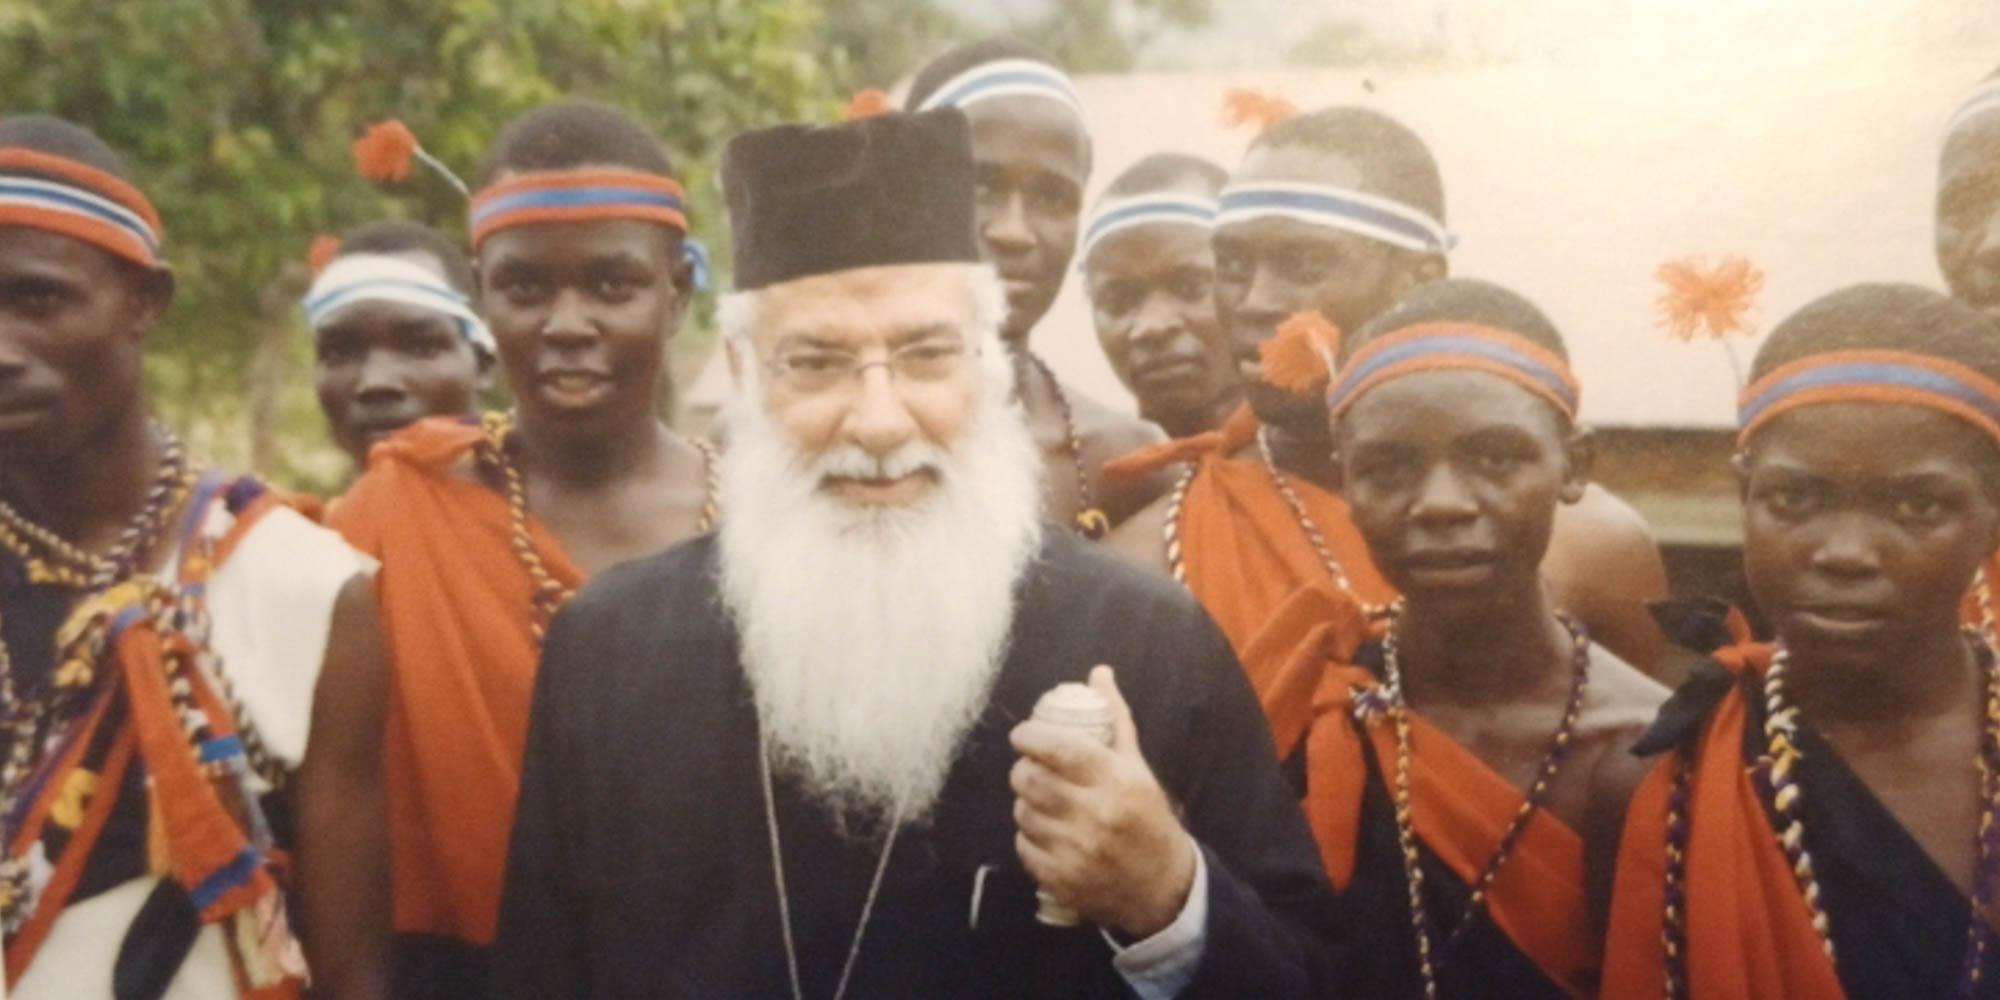 Μητροπολίτης Ναϊρόμπι: Ο κορωνοϊός ταλαιπωρεί την ανθρωπότητα αλλά εμείς  εδώ υποφέρουμε - Orthodox Times